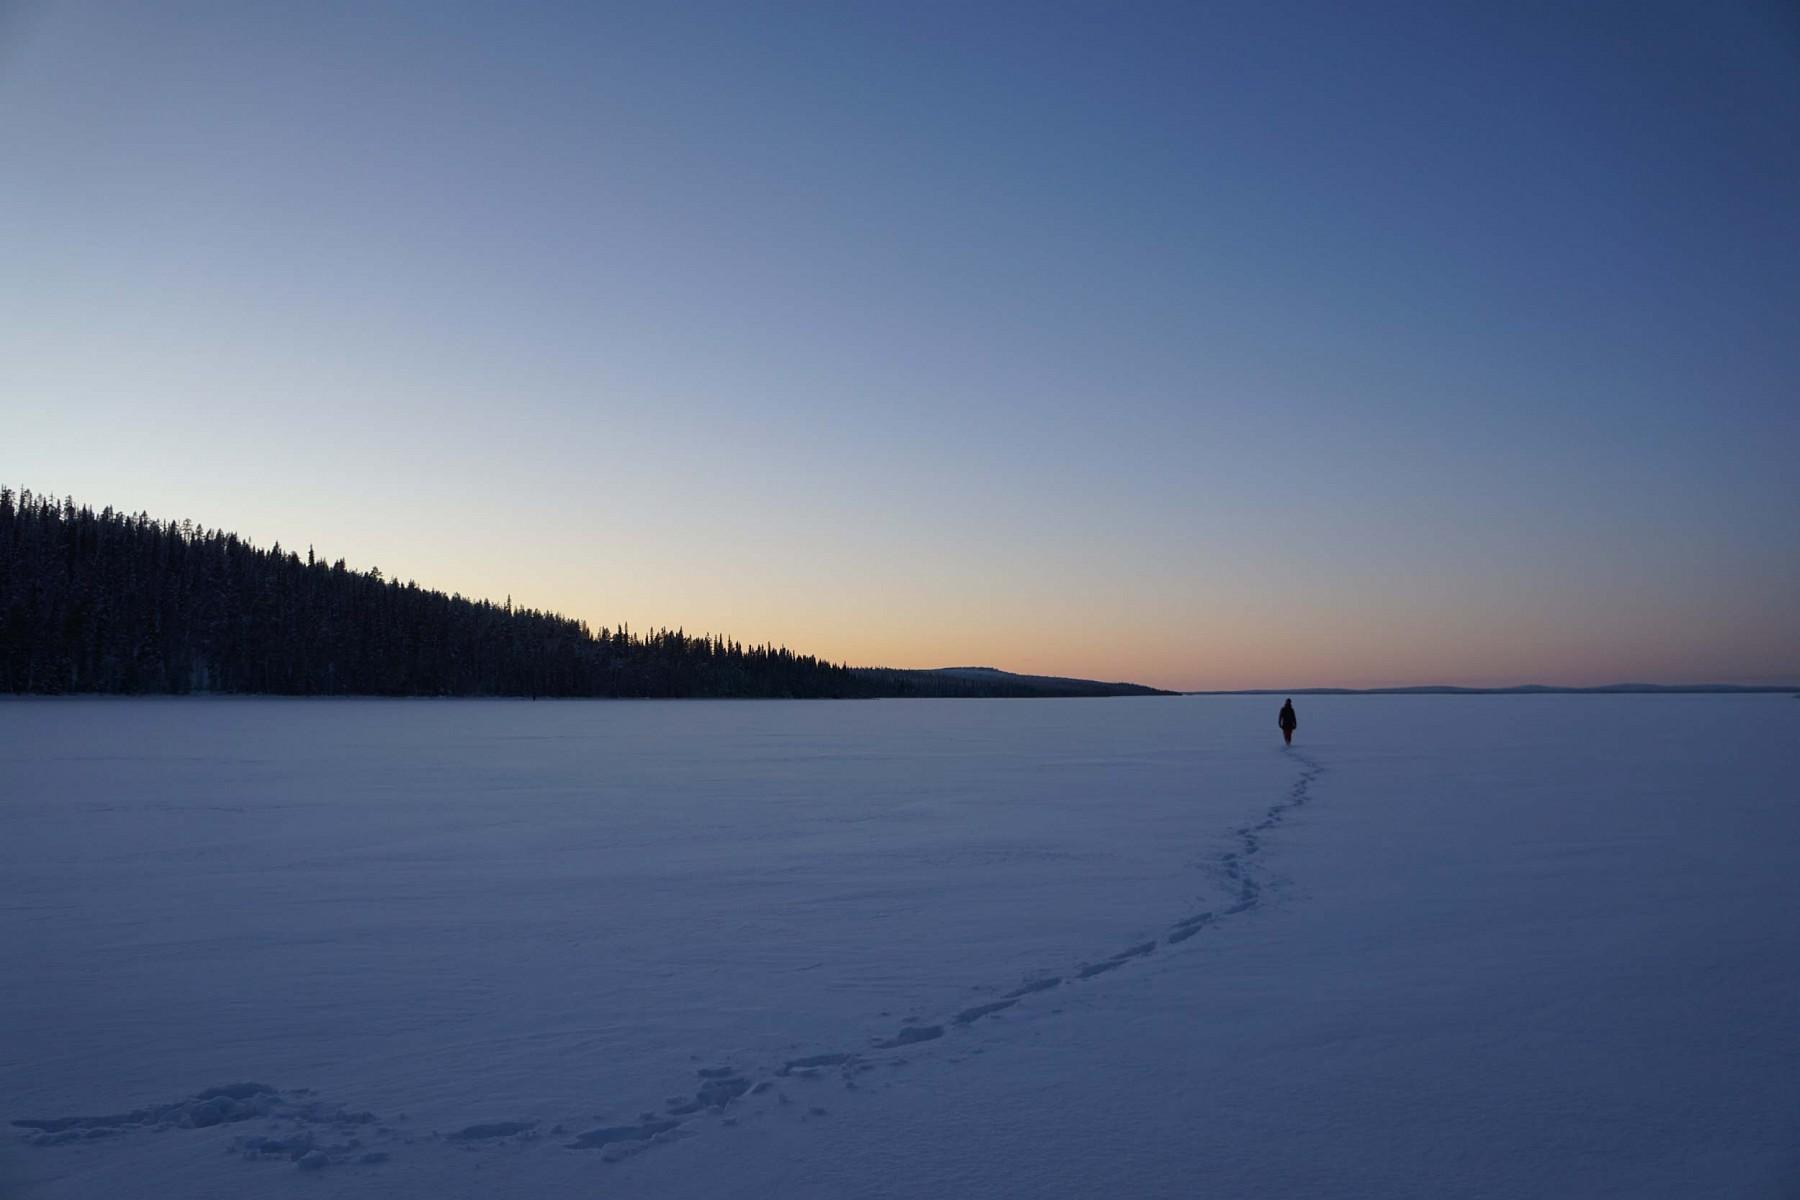 pWander-AutorinnbspHanna-Engler-hatnbspin-der-finnischen-RegionnbspKuusamo-Ruka-einige-Tage-im-Schnee-verbracht-Ihre-Bilder-lassen-uns-erahnen-wie-beeindruckend-und-spaszligig-das-Erlebnis-warnbspbr-Das-erste-Foto-wurde-waumlhrend-eines-Spaziergangs-in-der-Naumlhe-ihrer-Huumltte-amnbspSee-Yli-Kitka-aufgenommen-ca-30-Minuten-entfernt-von-der-StadtnbspKuusamoppspan-stylefont-size14pxemFotos-copy-Hanna-Engleremspanp